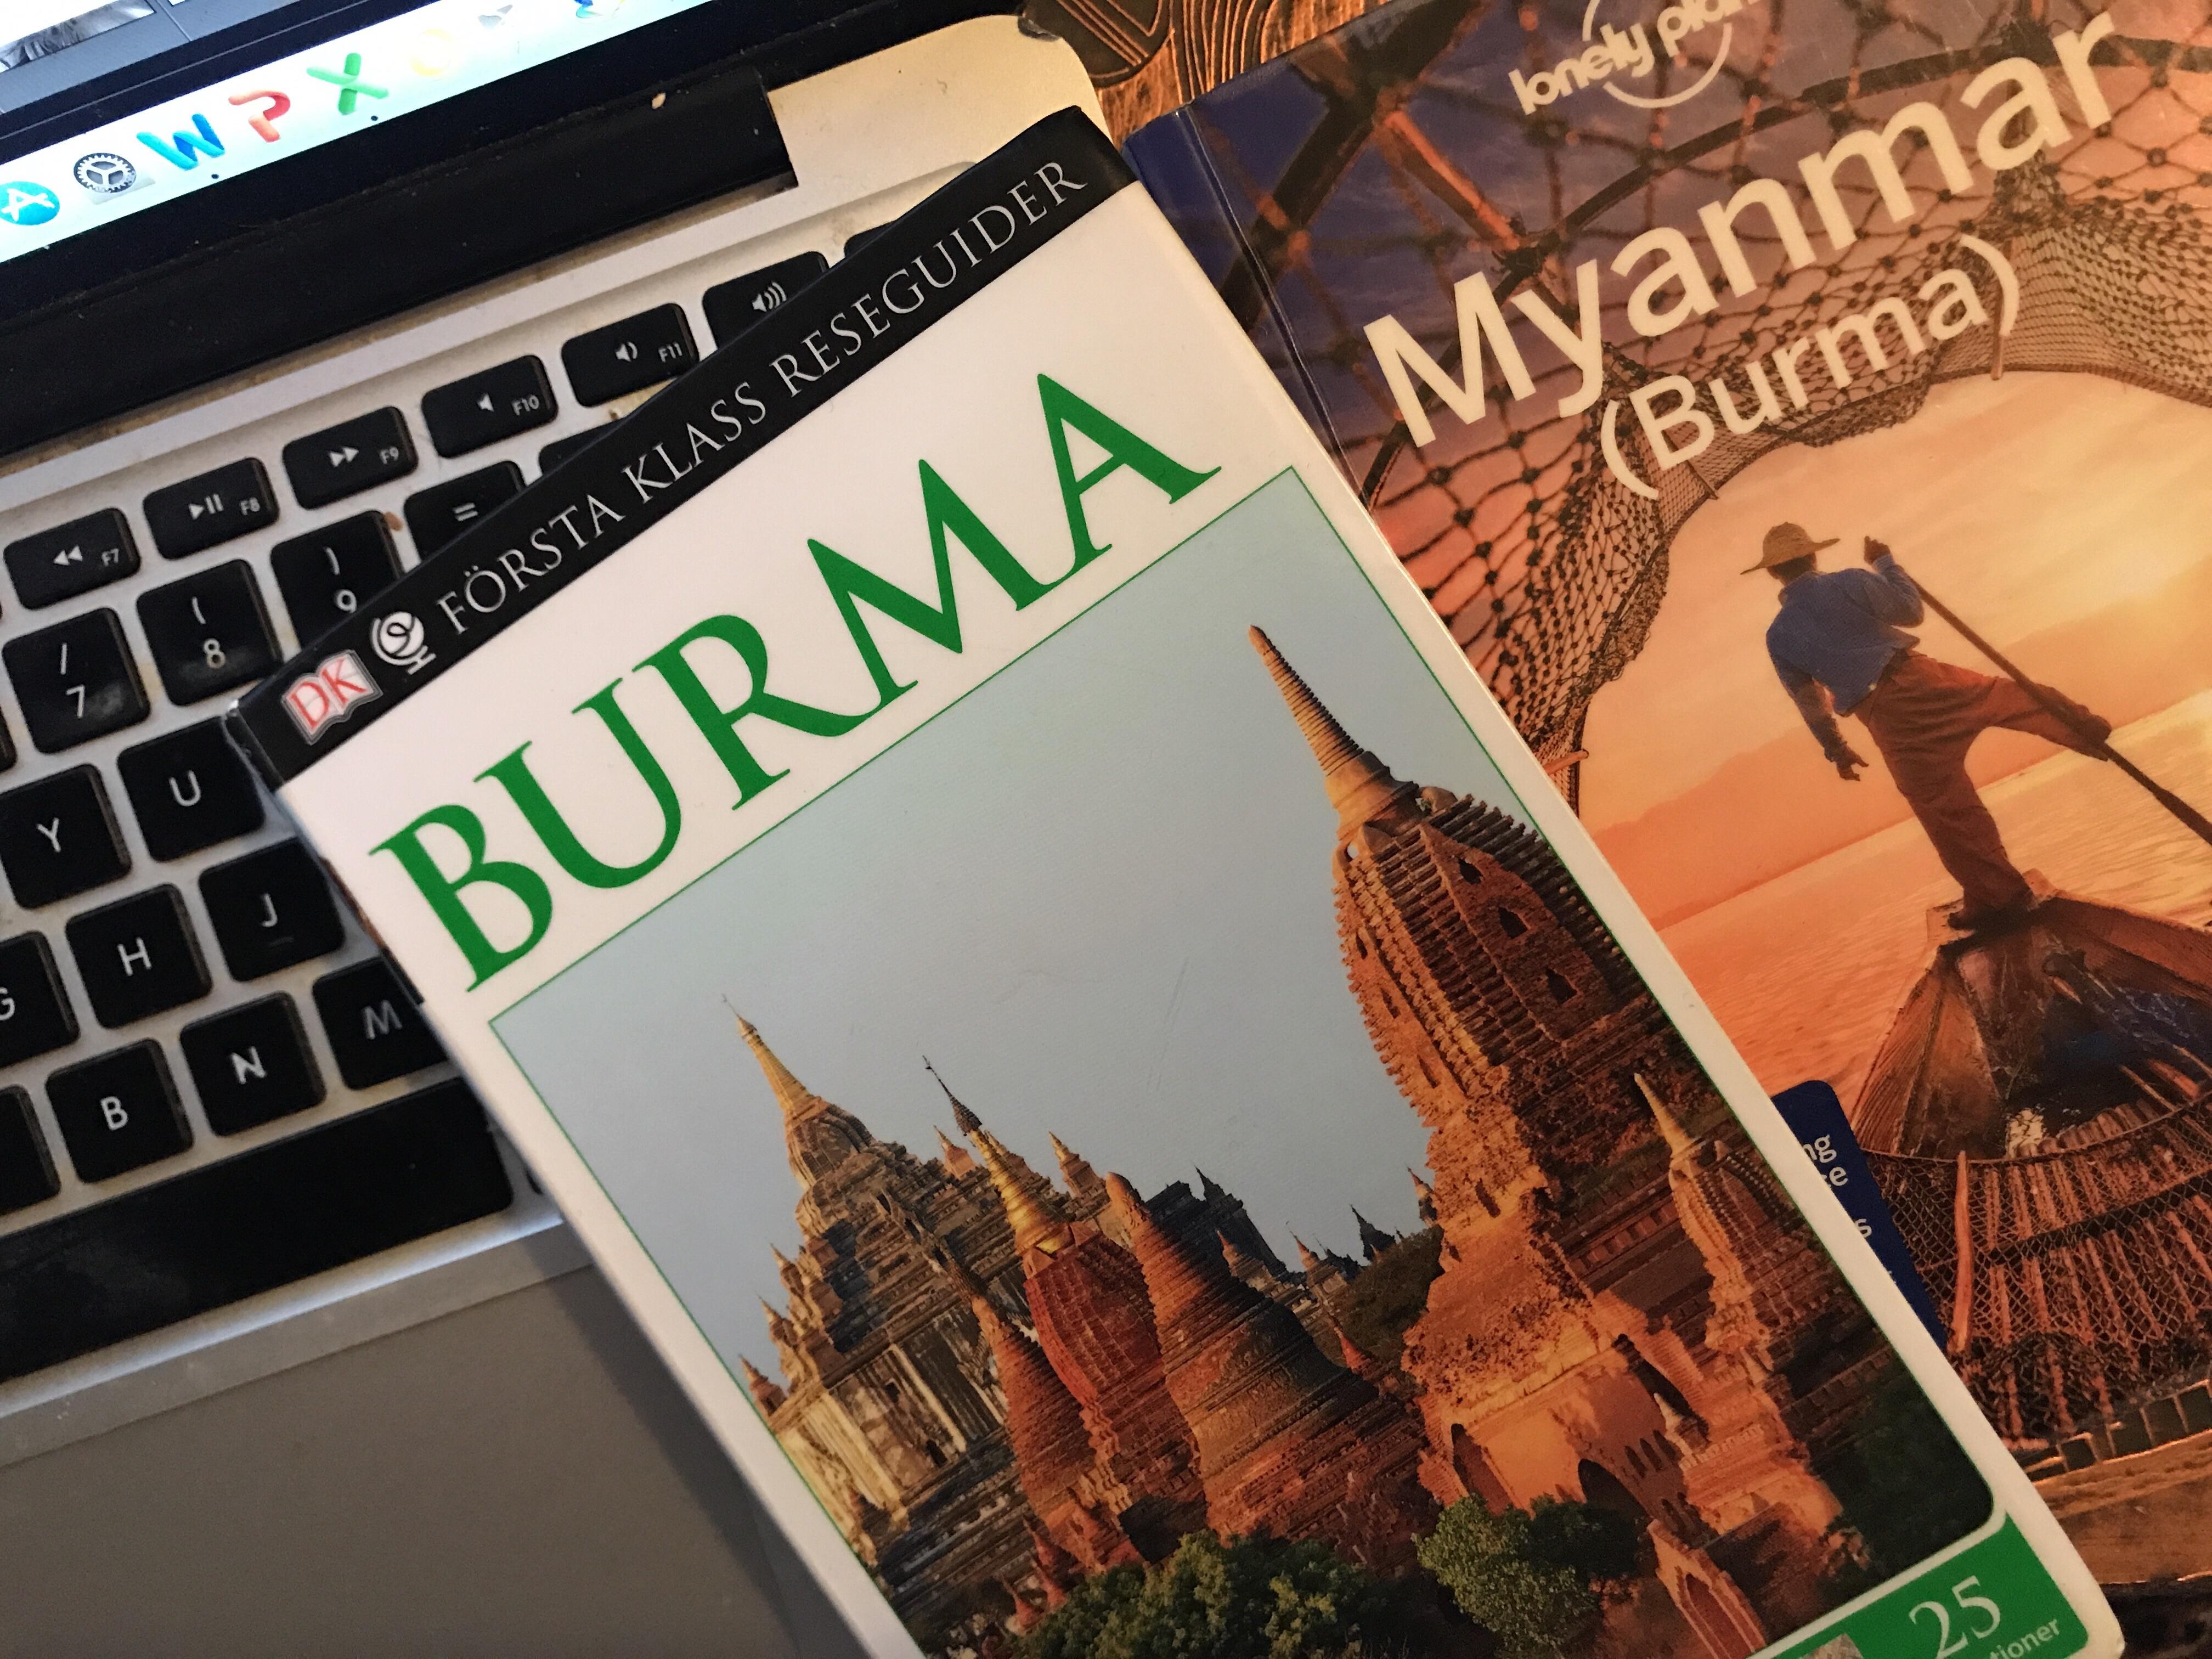 Vad finns att göra och se i Burma/Myanmar?